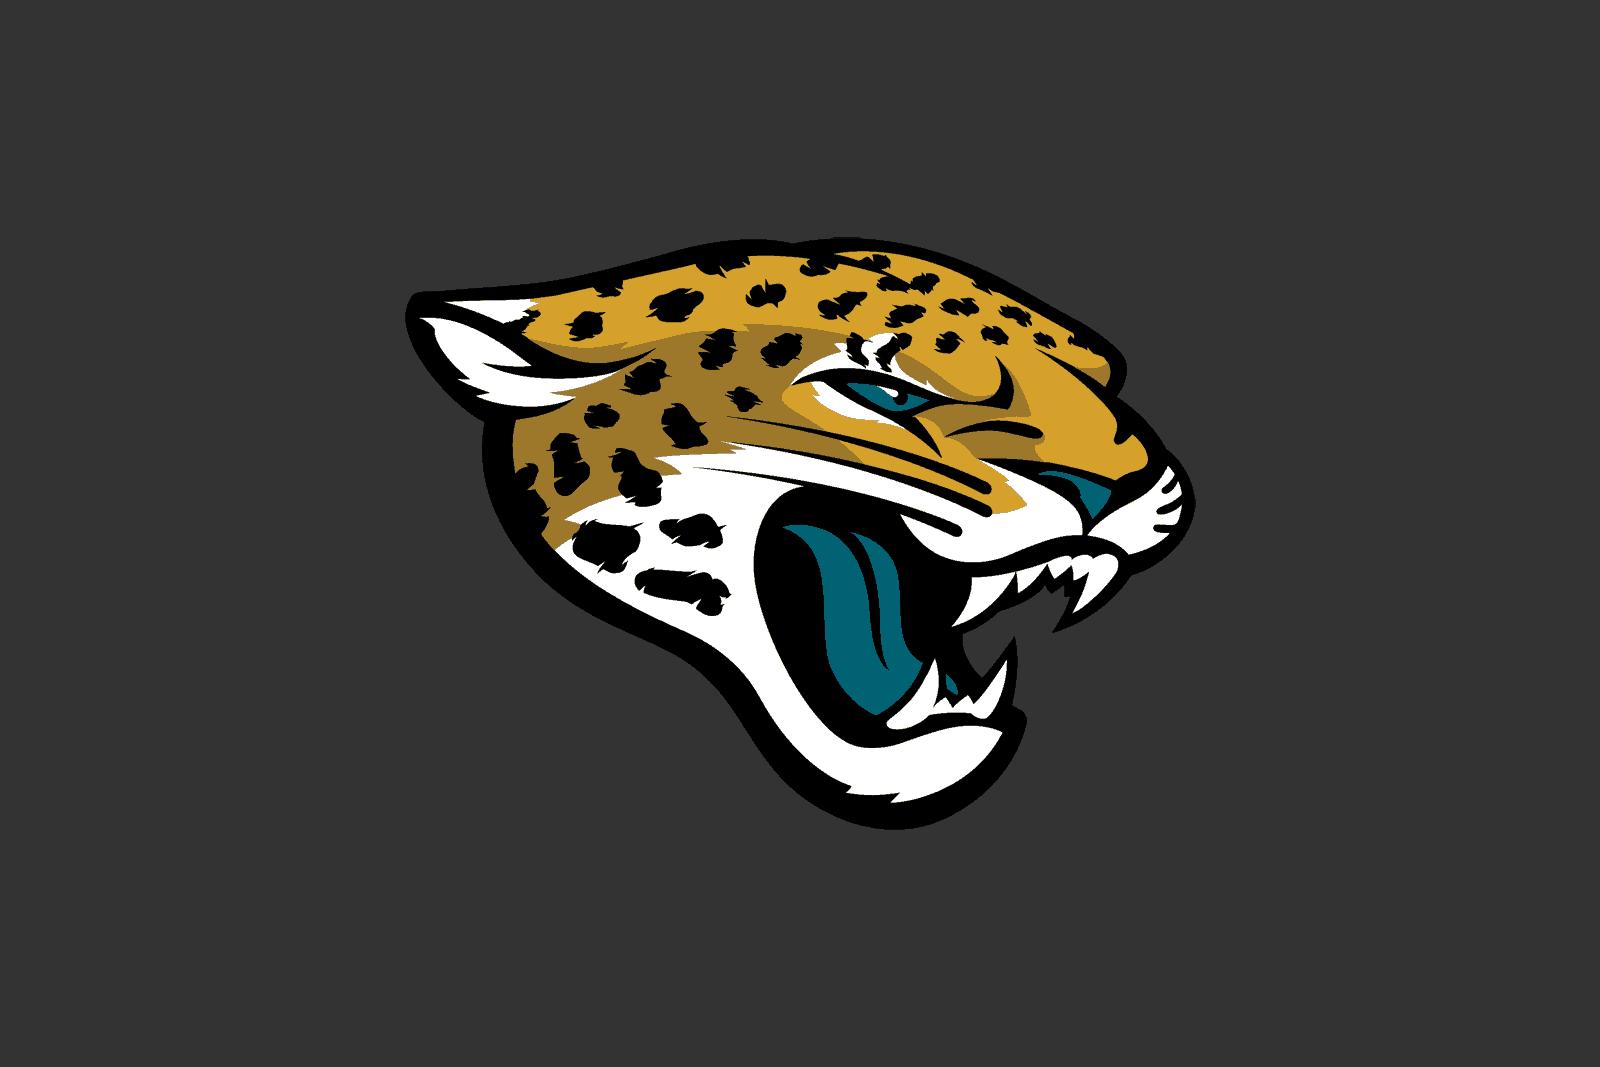 2019 jacksonville jaguars schedule released